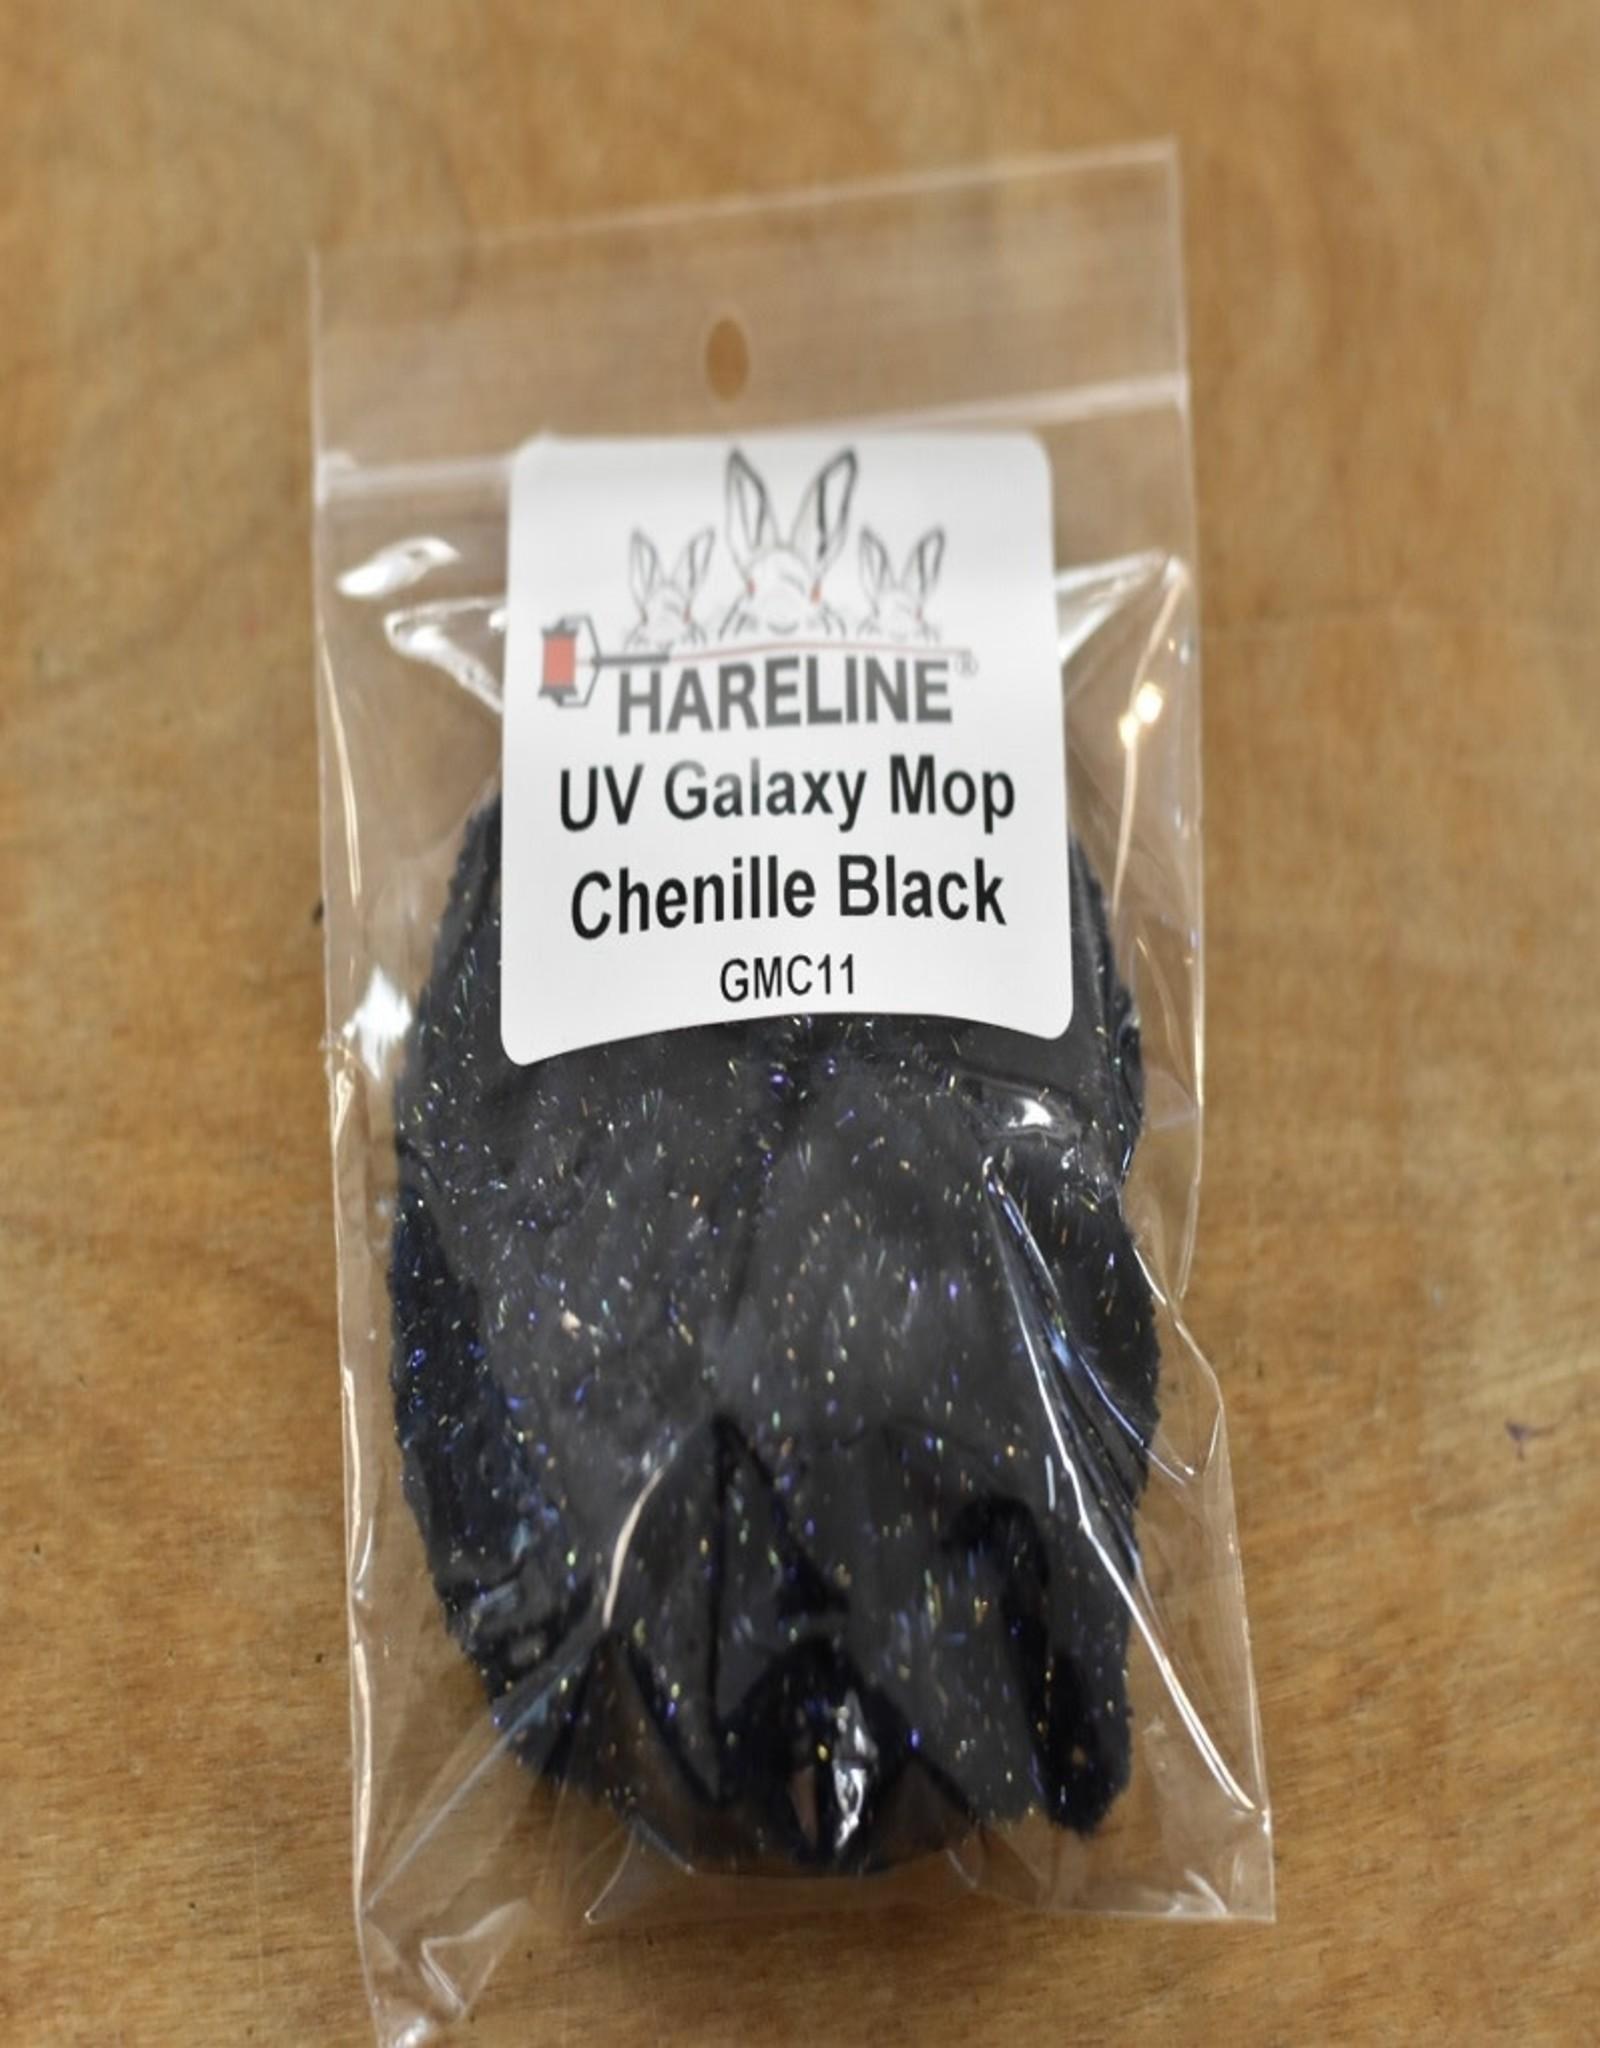 Hareline Dubbing UV Galaxy Mop Chenille